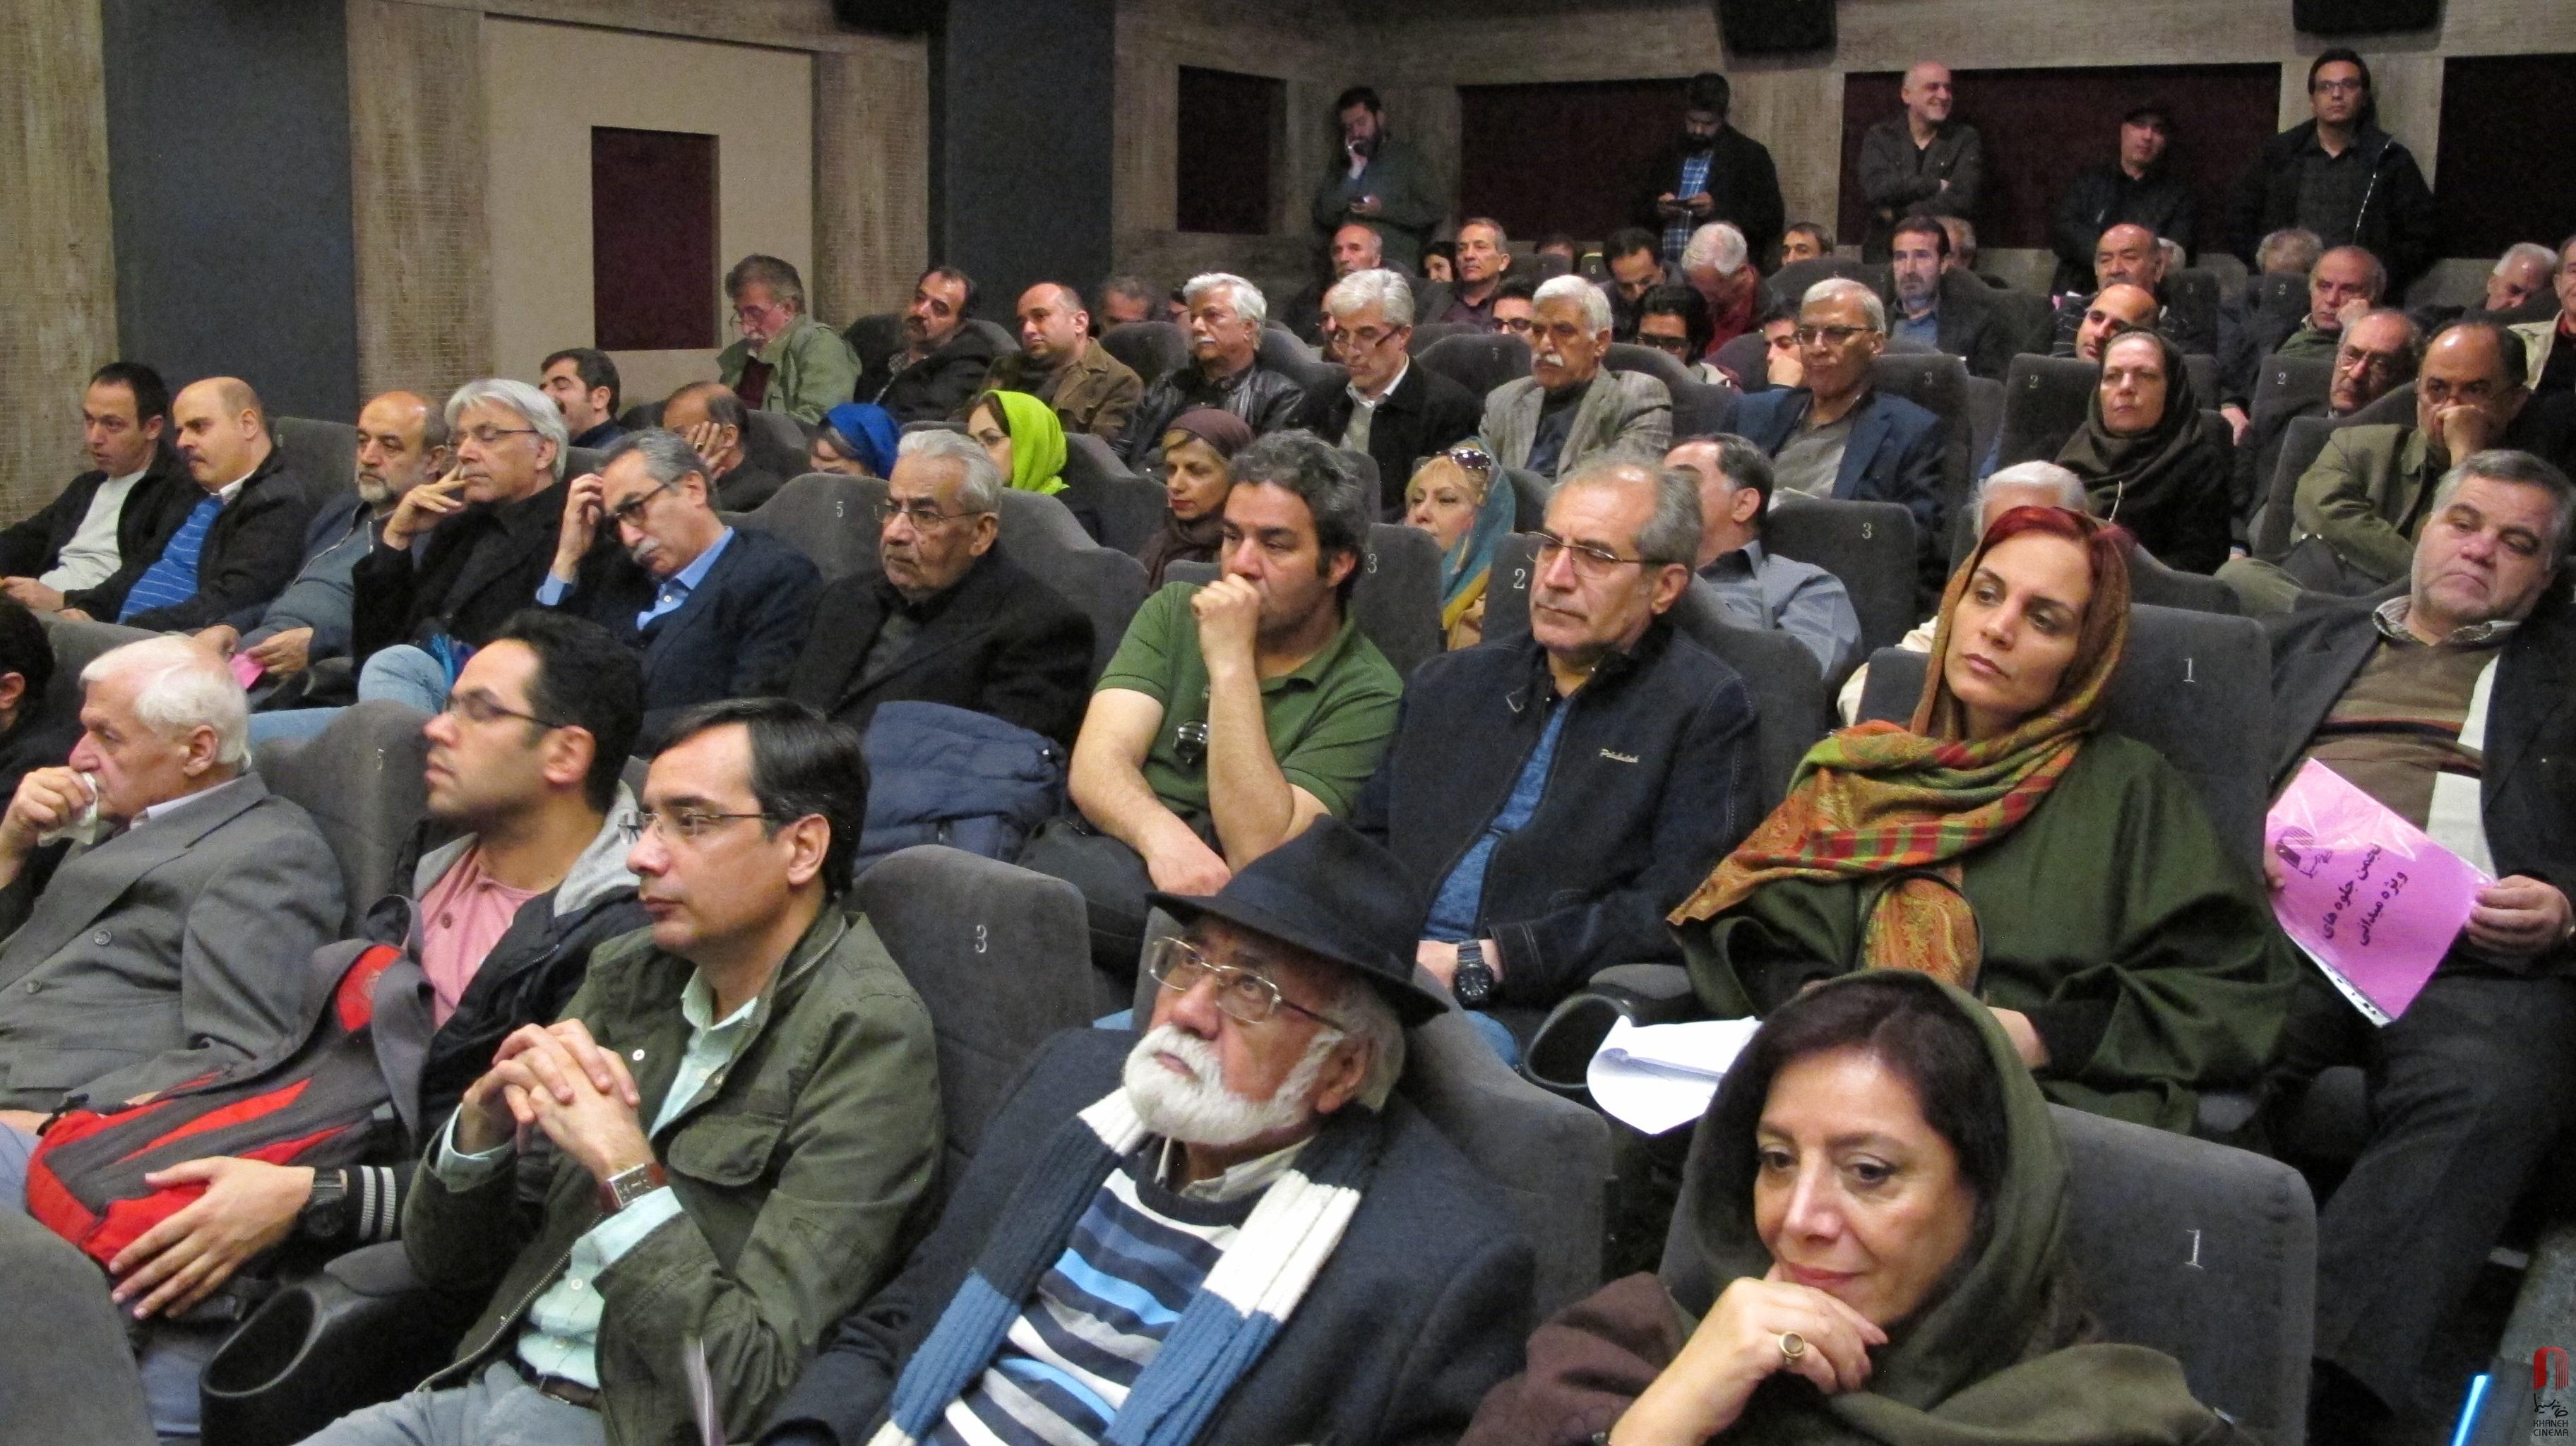 مجمع عمومی خانه سینما 15 اسفند 1359 11